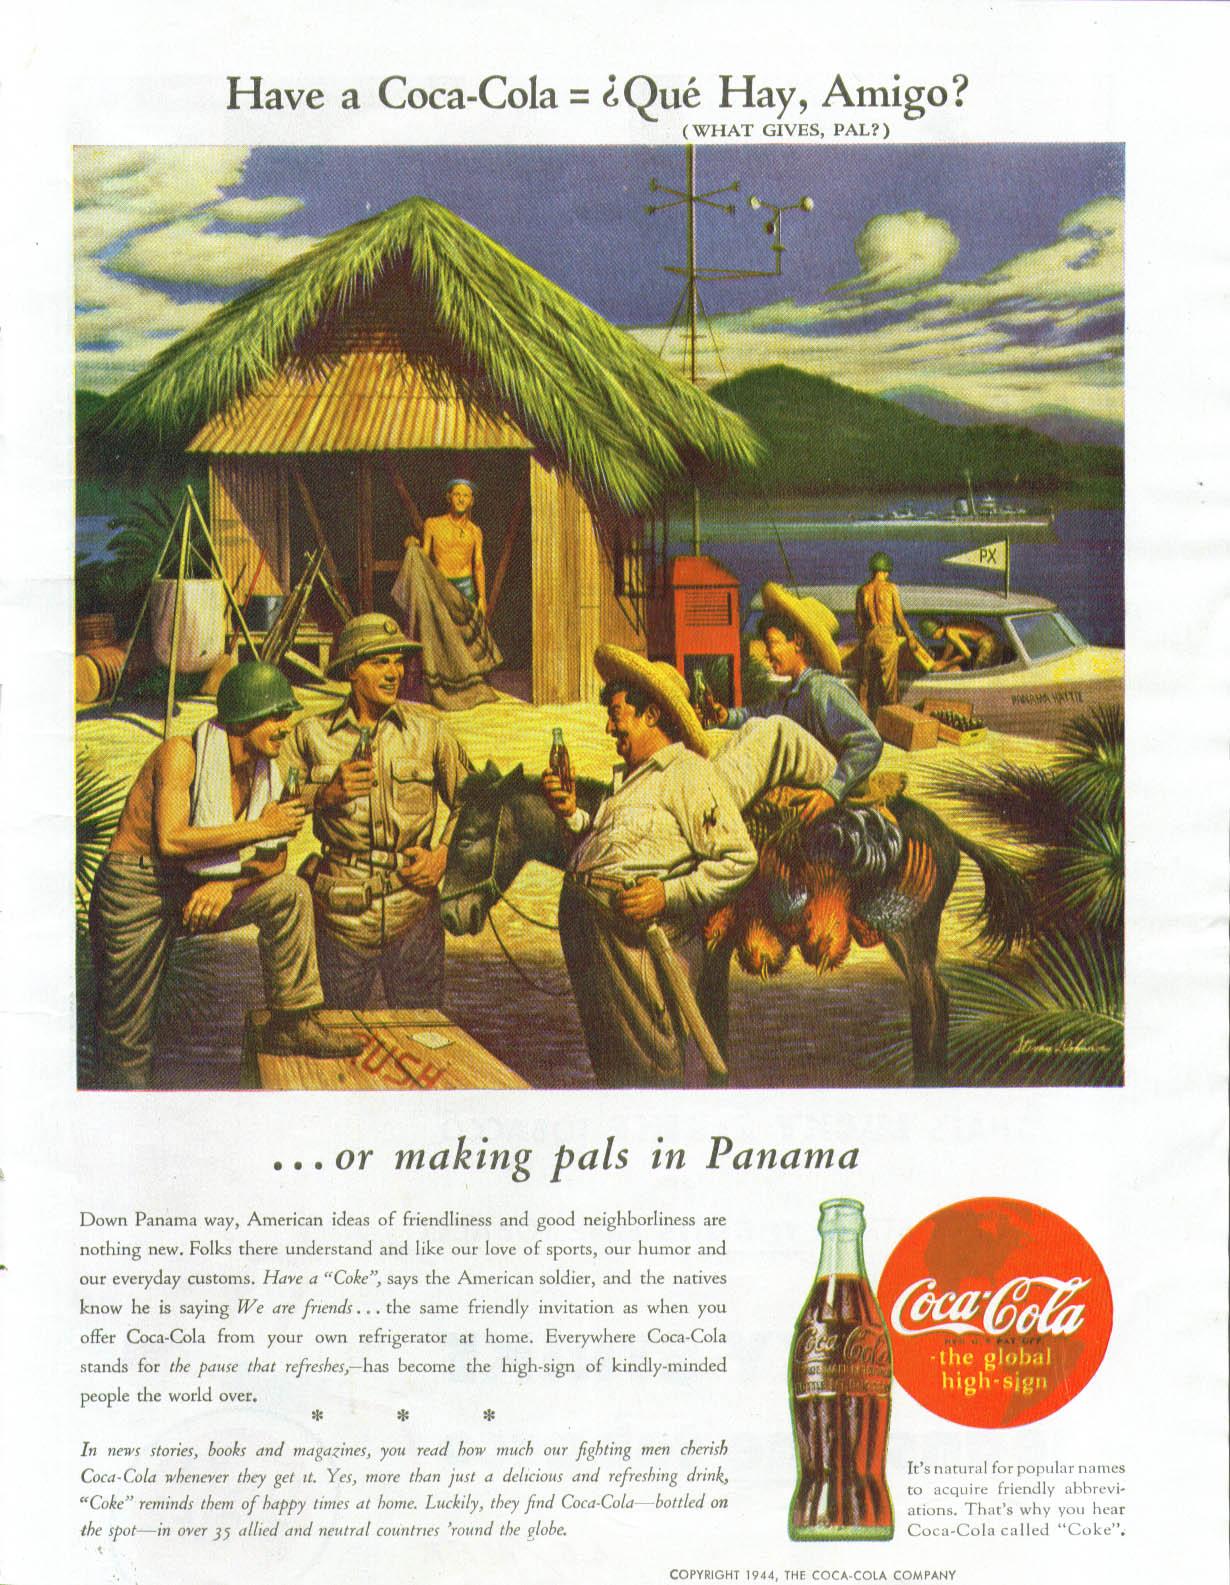 Have a Coca-Cola = Que Hay, Amigo? In Panama Coca-Cola ad 1944